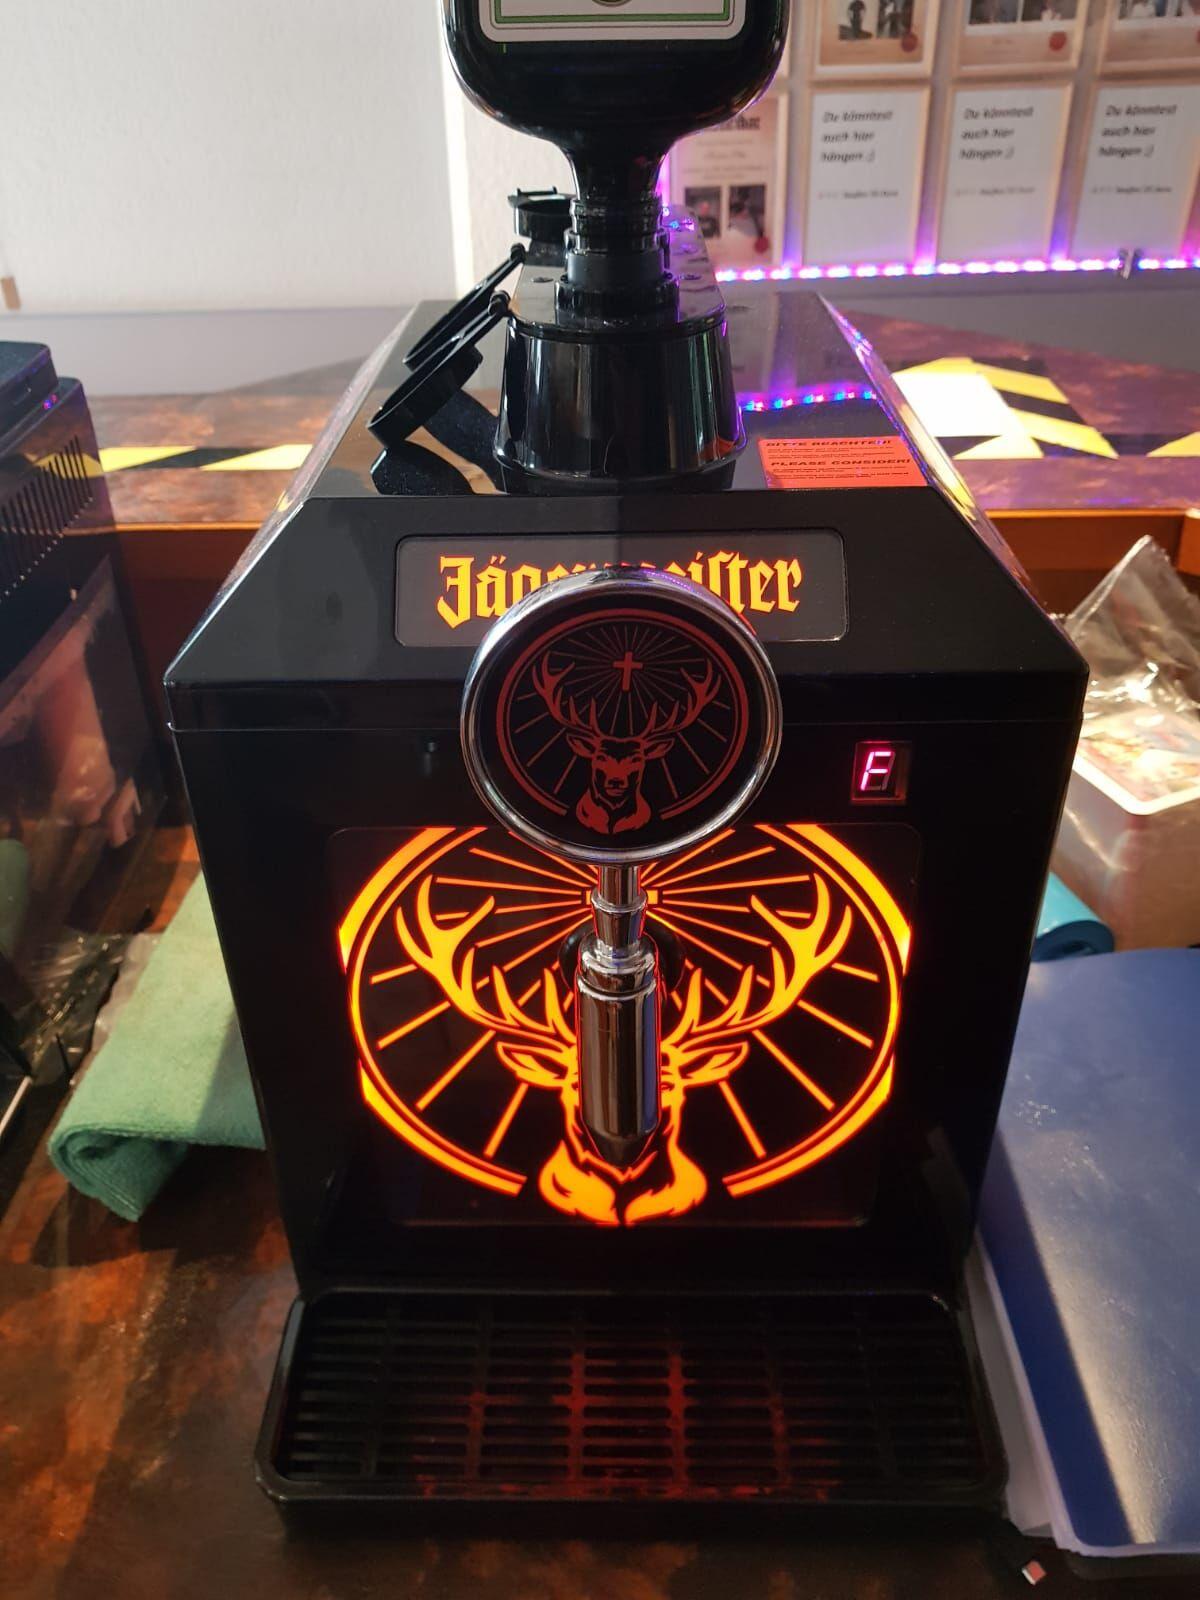 Unsere Jägermeistermaschine für größeren Jägermeistergenuss.